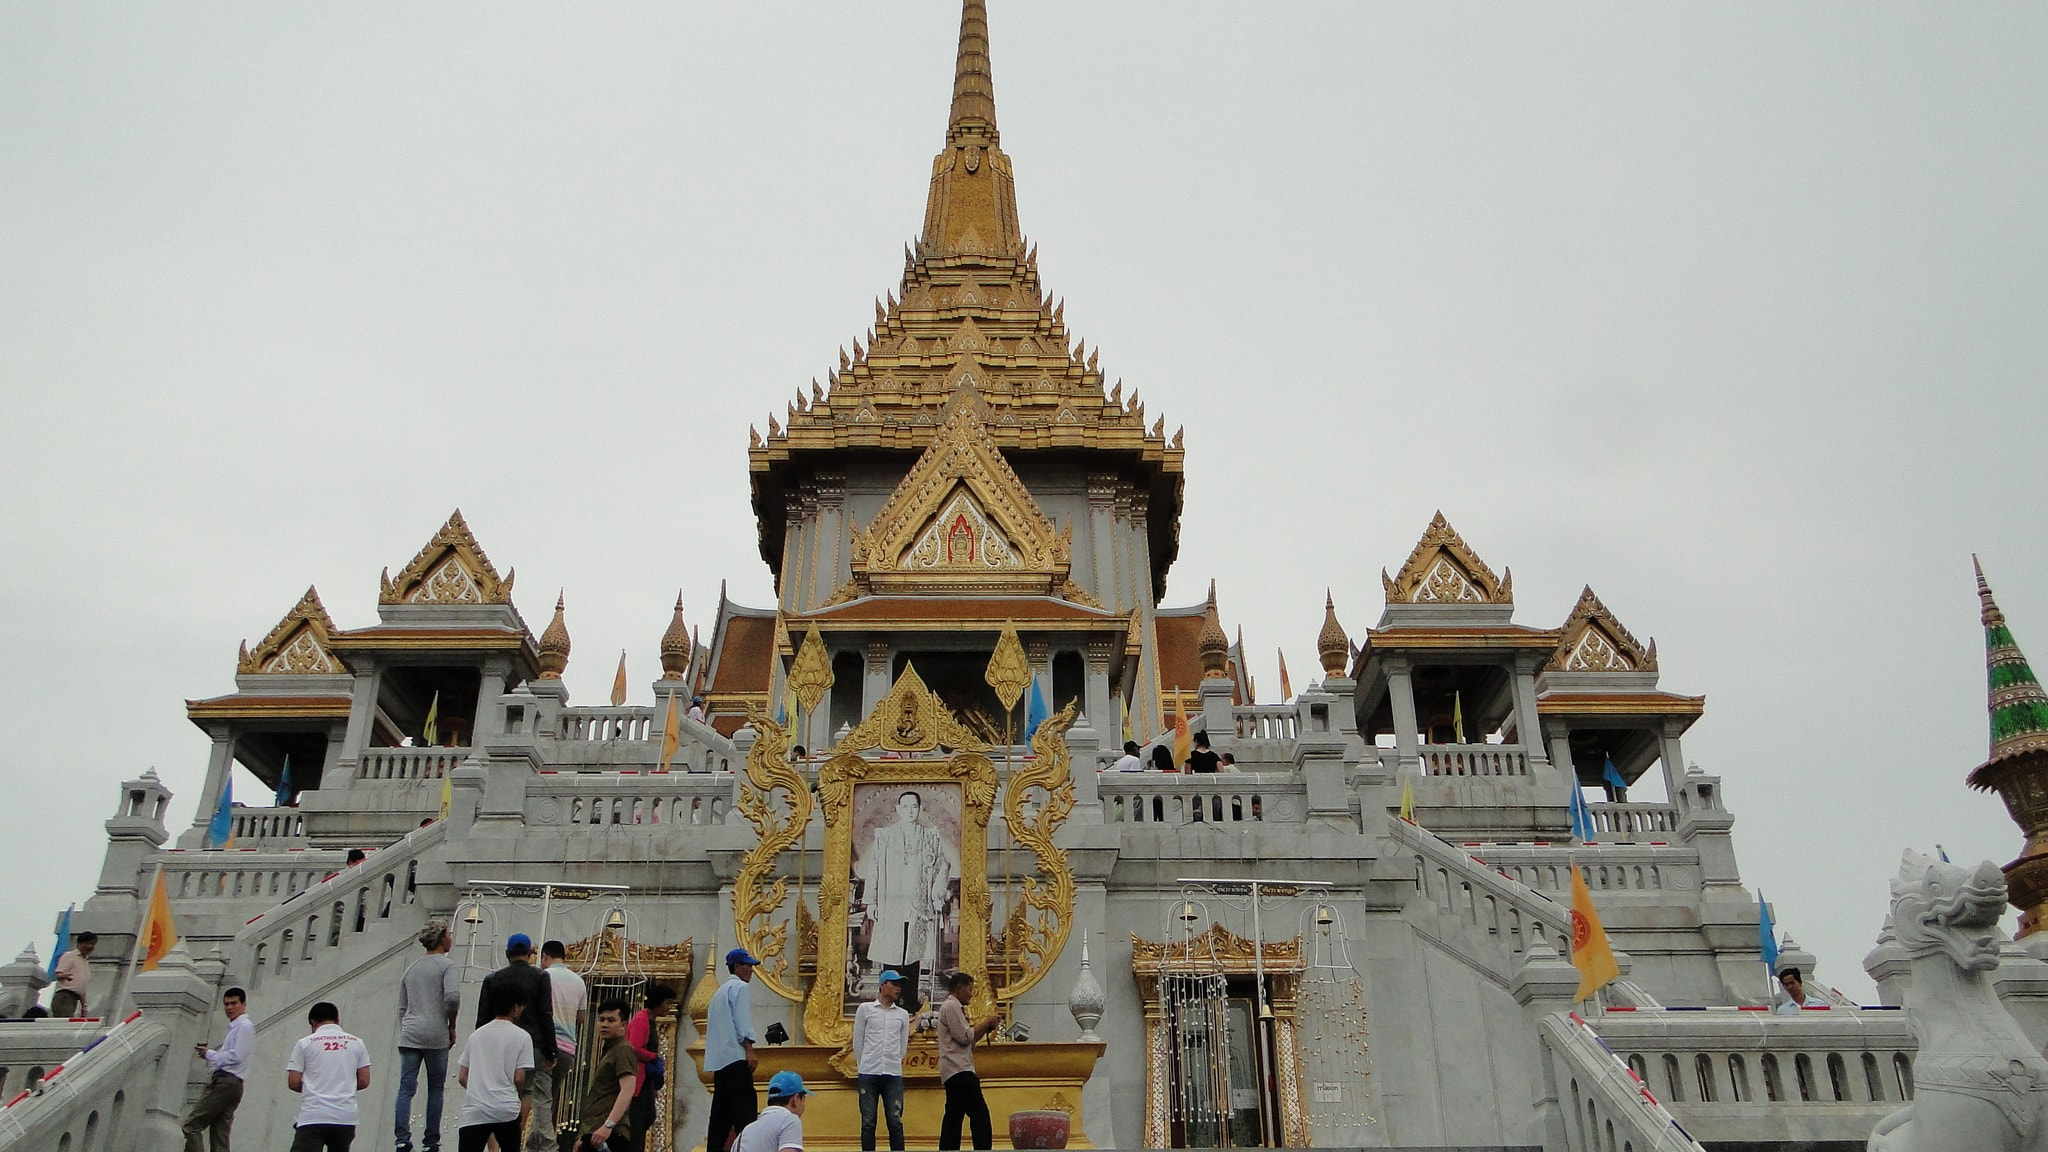 Wat Traimit